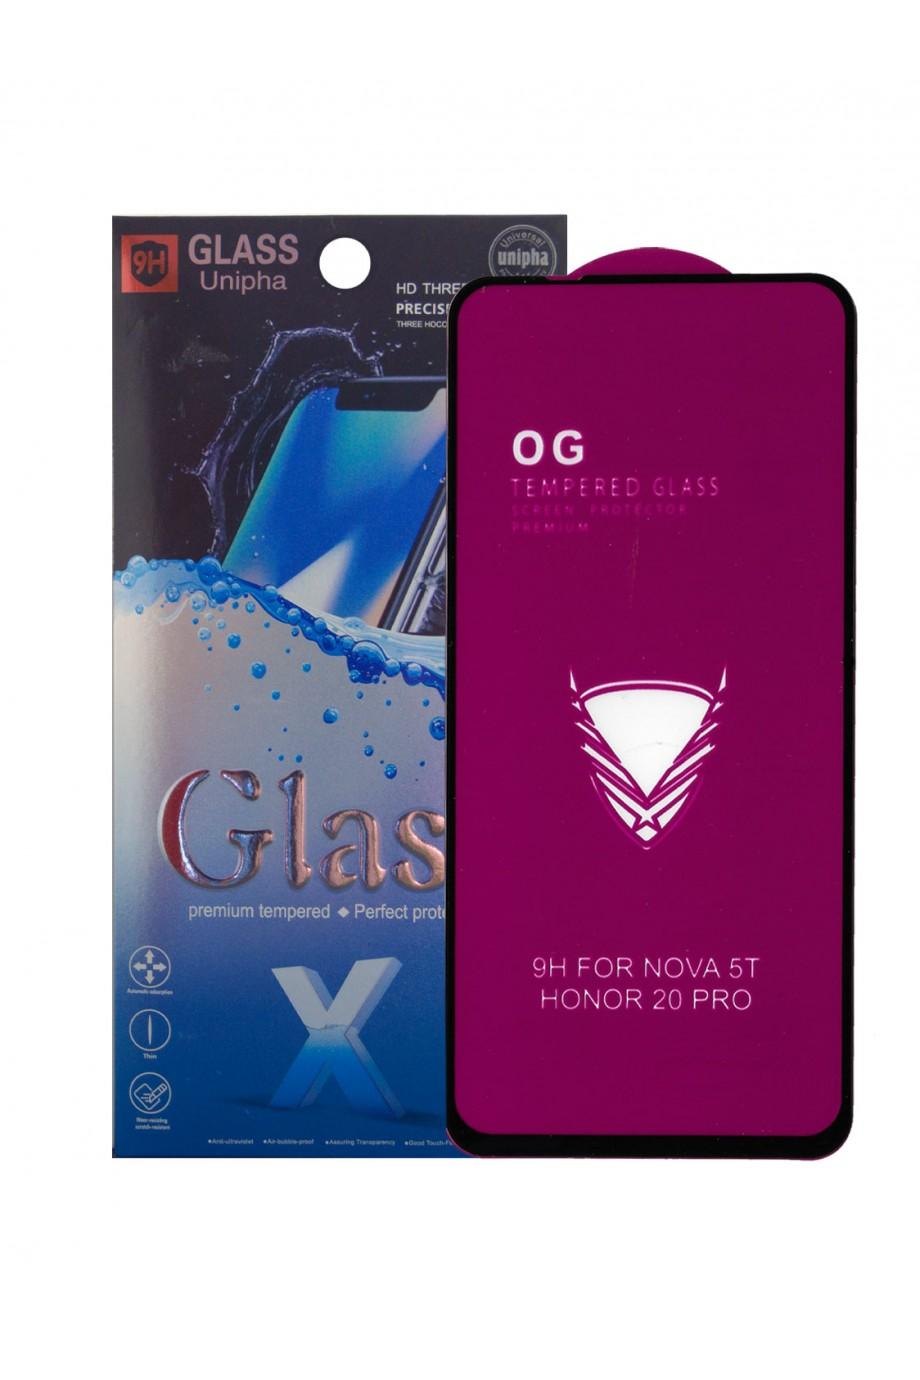 Защитное стекло 5D Glass Unipha для Honor 20 Pro, OG series, черная рамка, полный клей, mk062